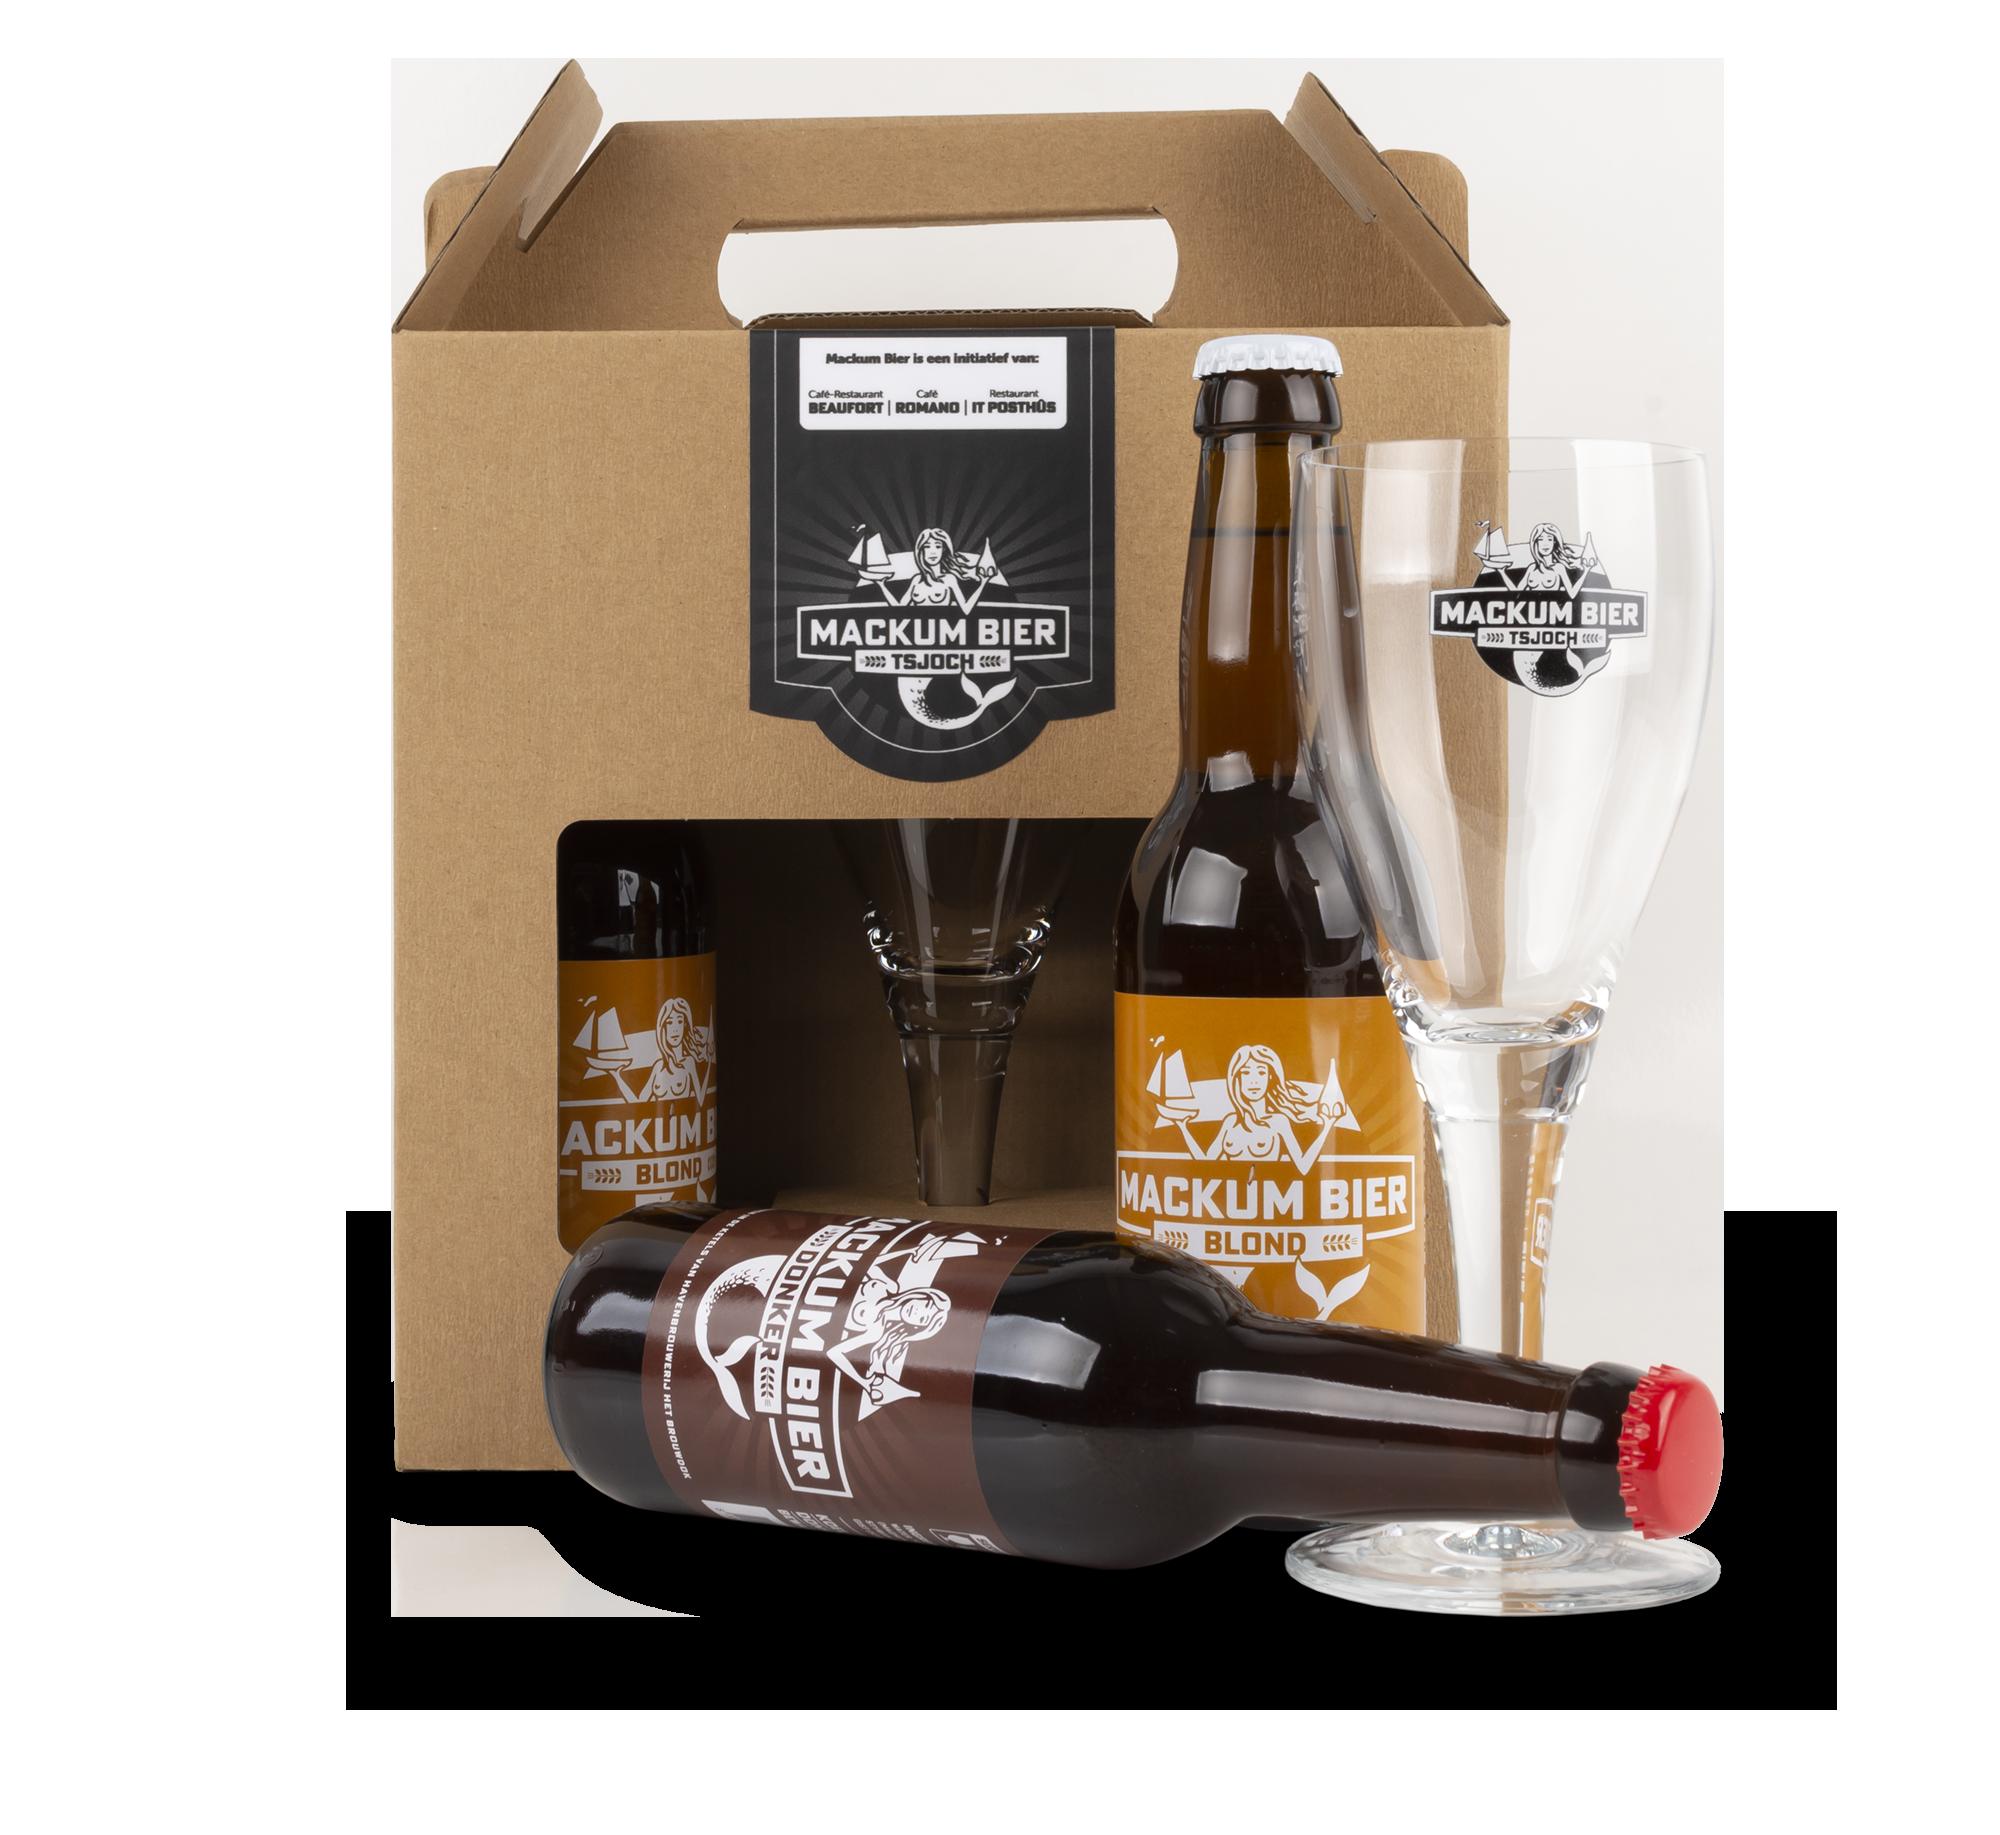 Mackum Bier is een authentiek gebrouwen bier met een flinke doses Makkumer karakter